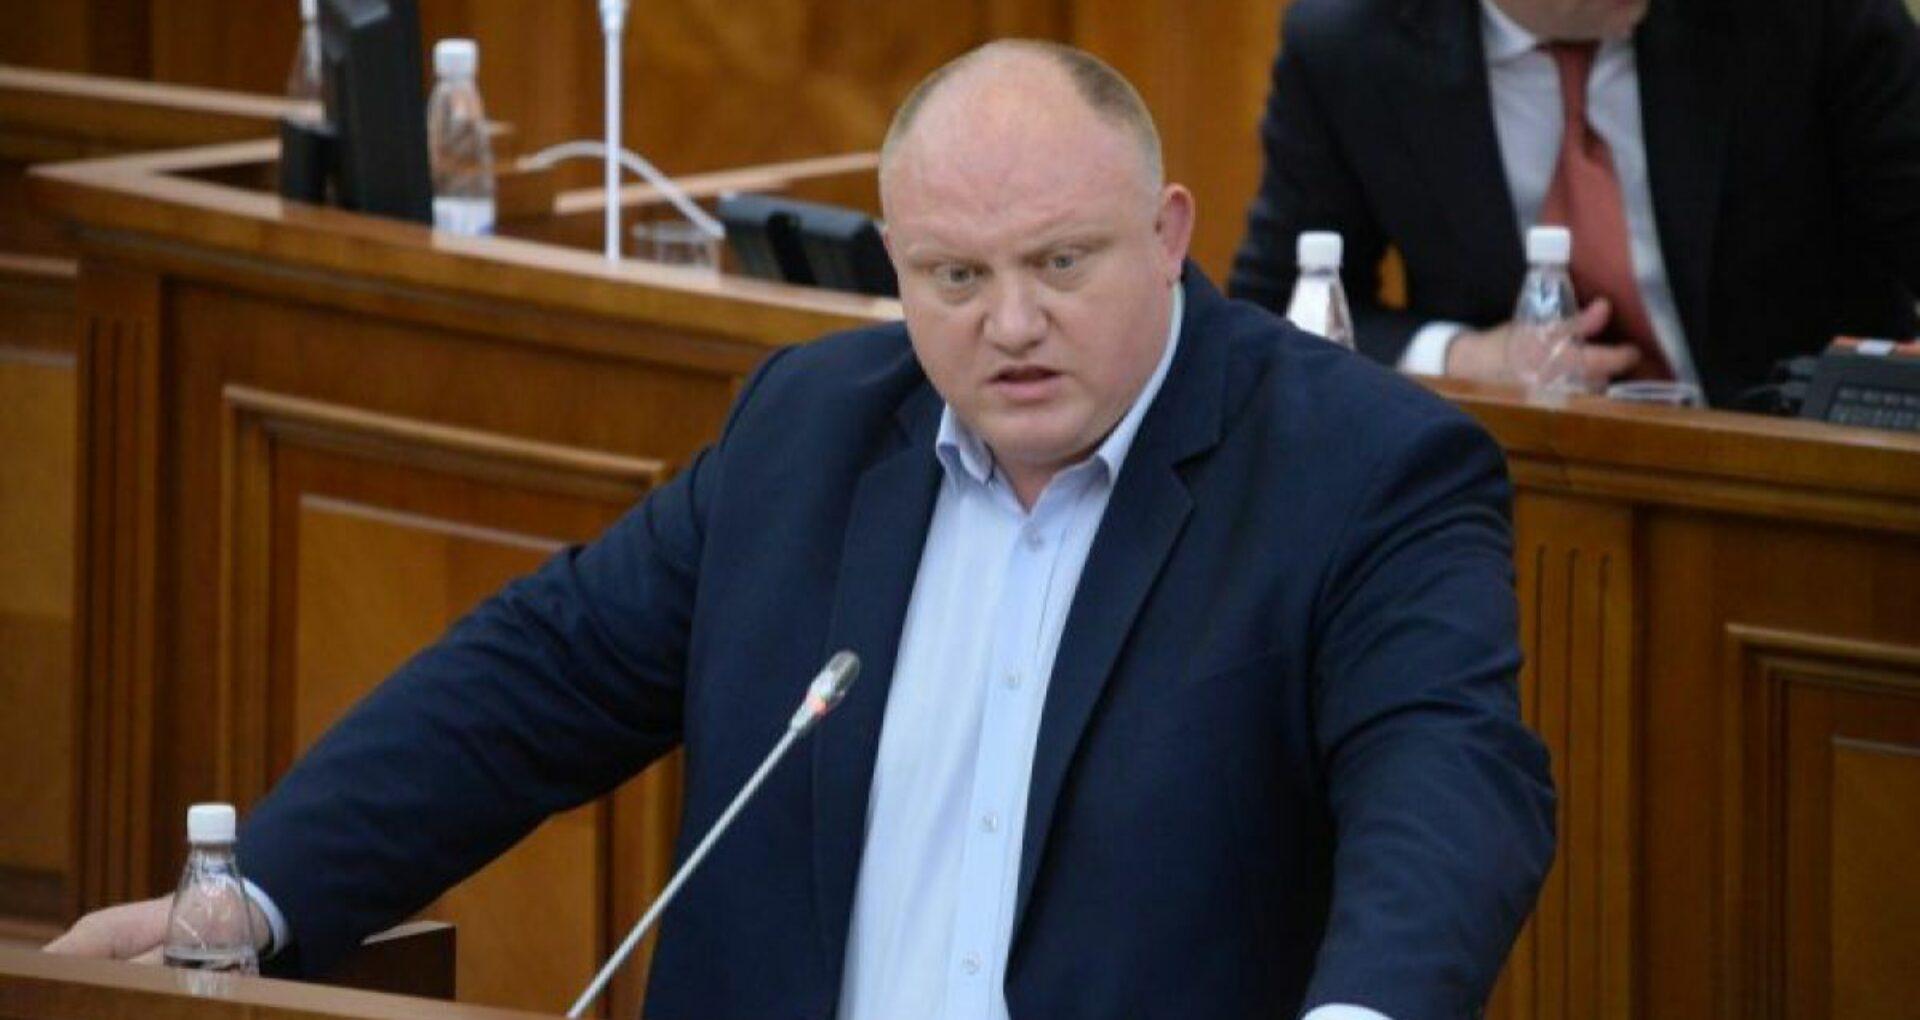 Socialiștii au înregistrat o inițiativă legislativă prin care se cere demiterea din funcție a șefilor BNM, ANRE, ANI, CNPF și al CA